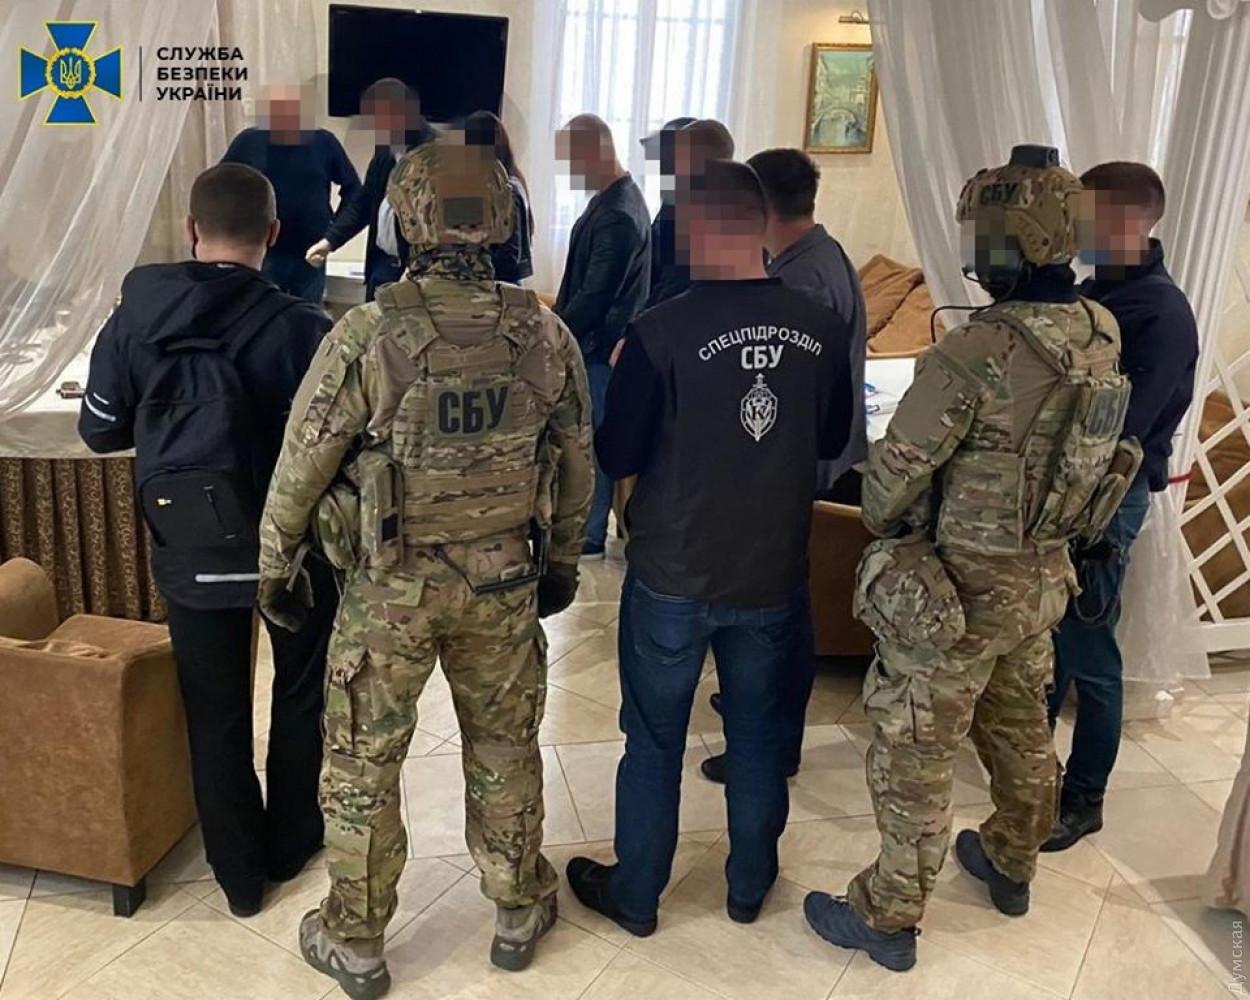 Служба безопасности Украины поймала двух пенсионеров при попытке продать должность губернатора области за $1 миллион